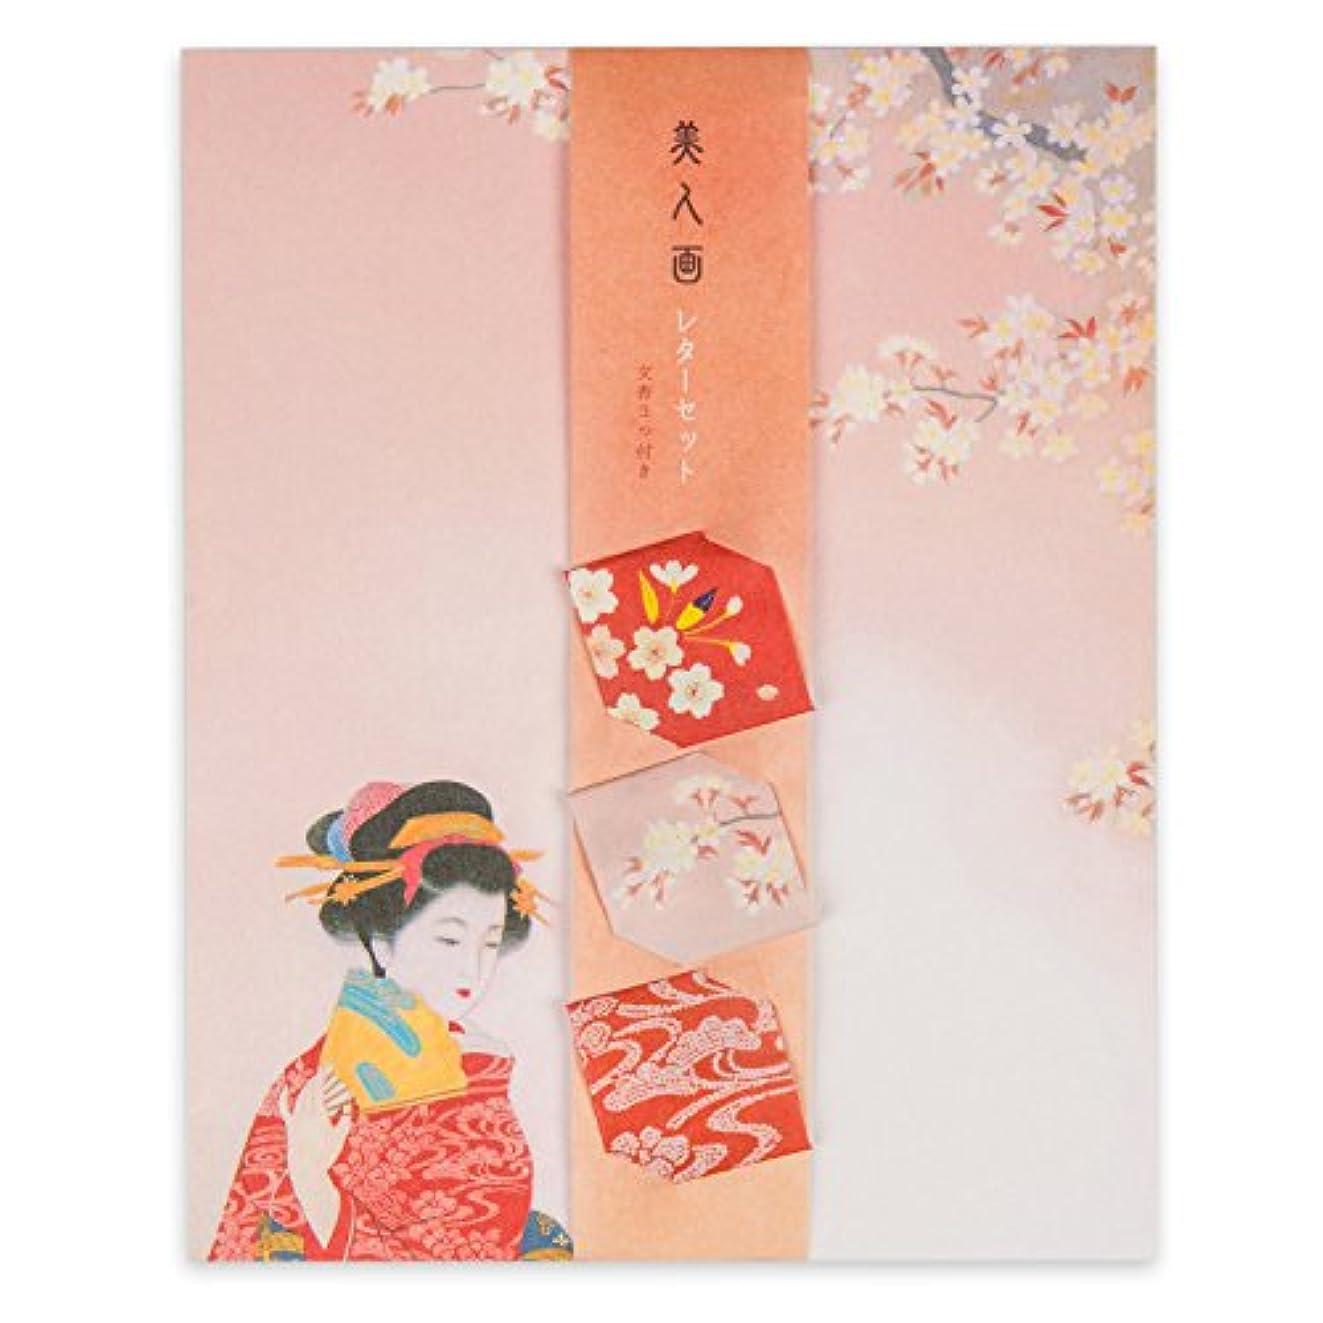 データム尊敬責任Geisha and Blossom Japanese Writing Set